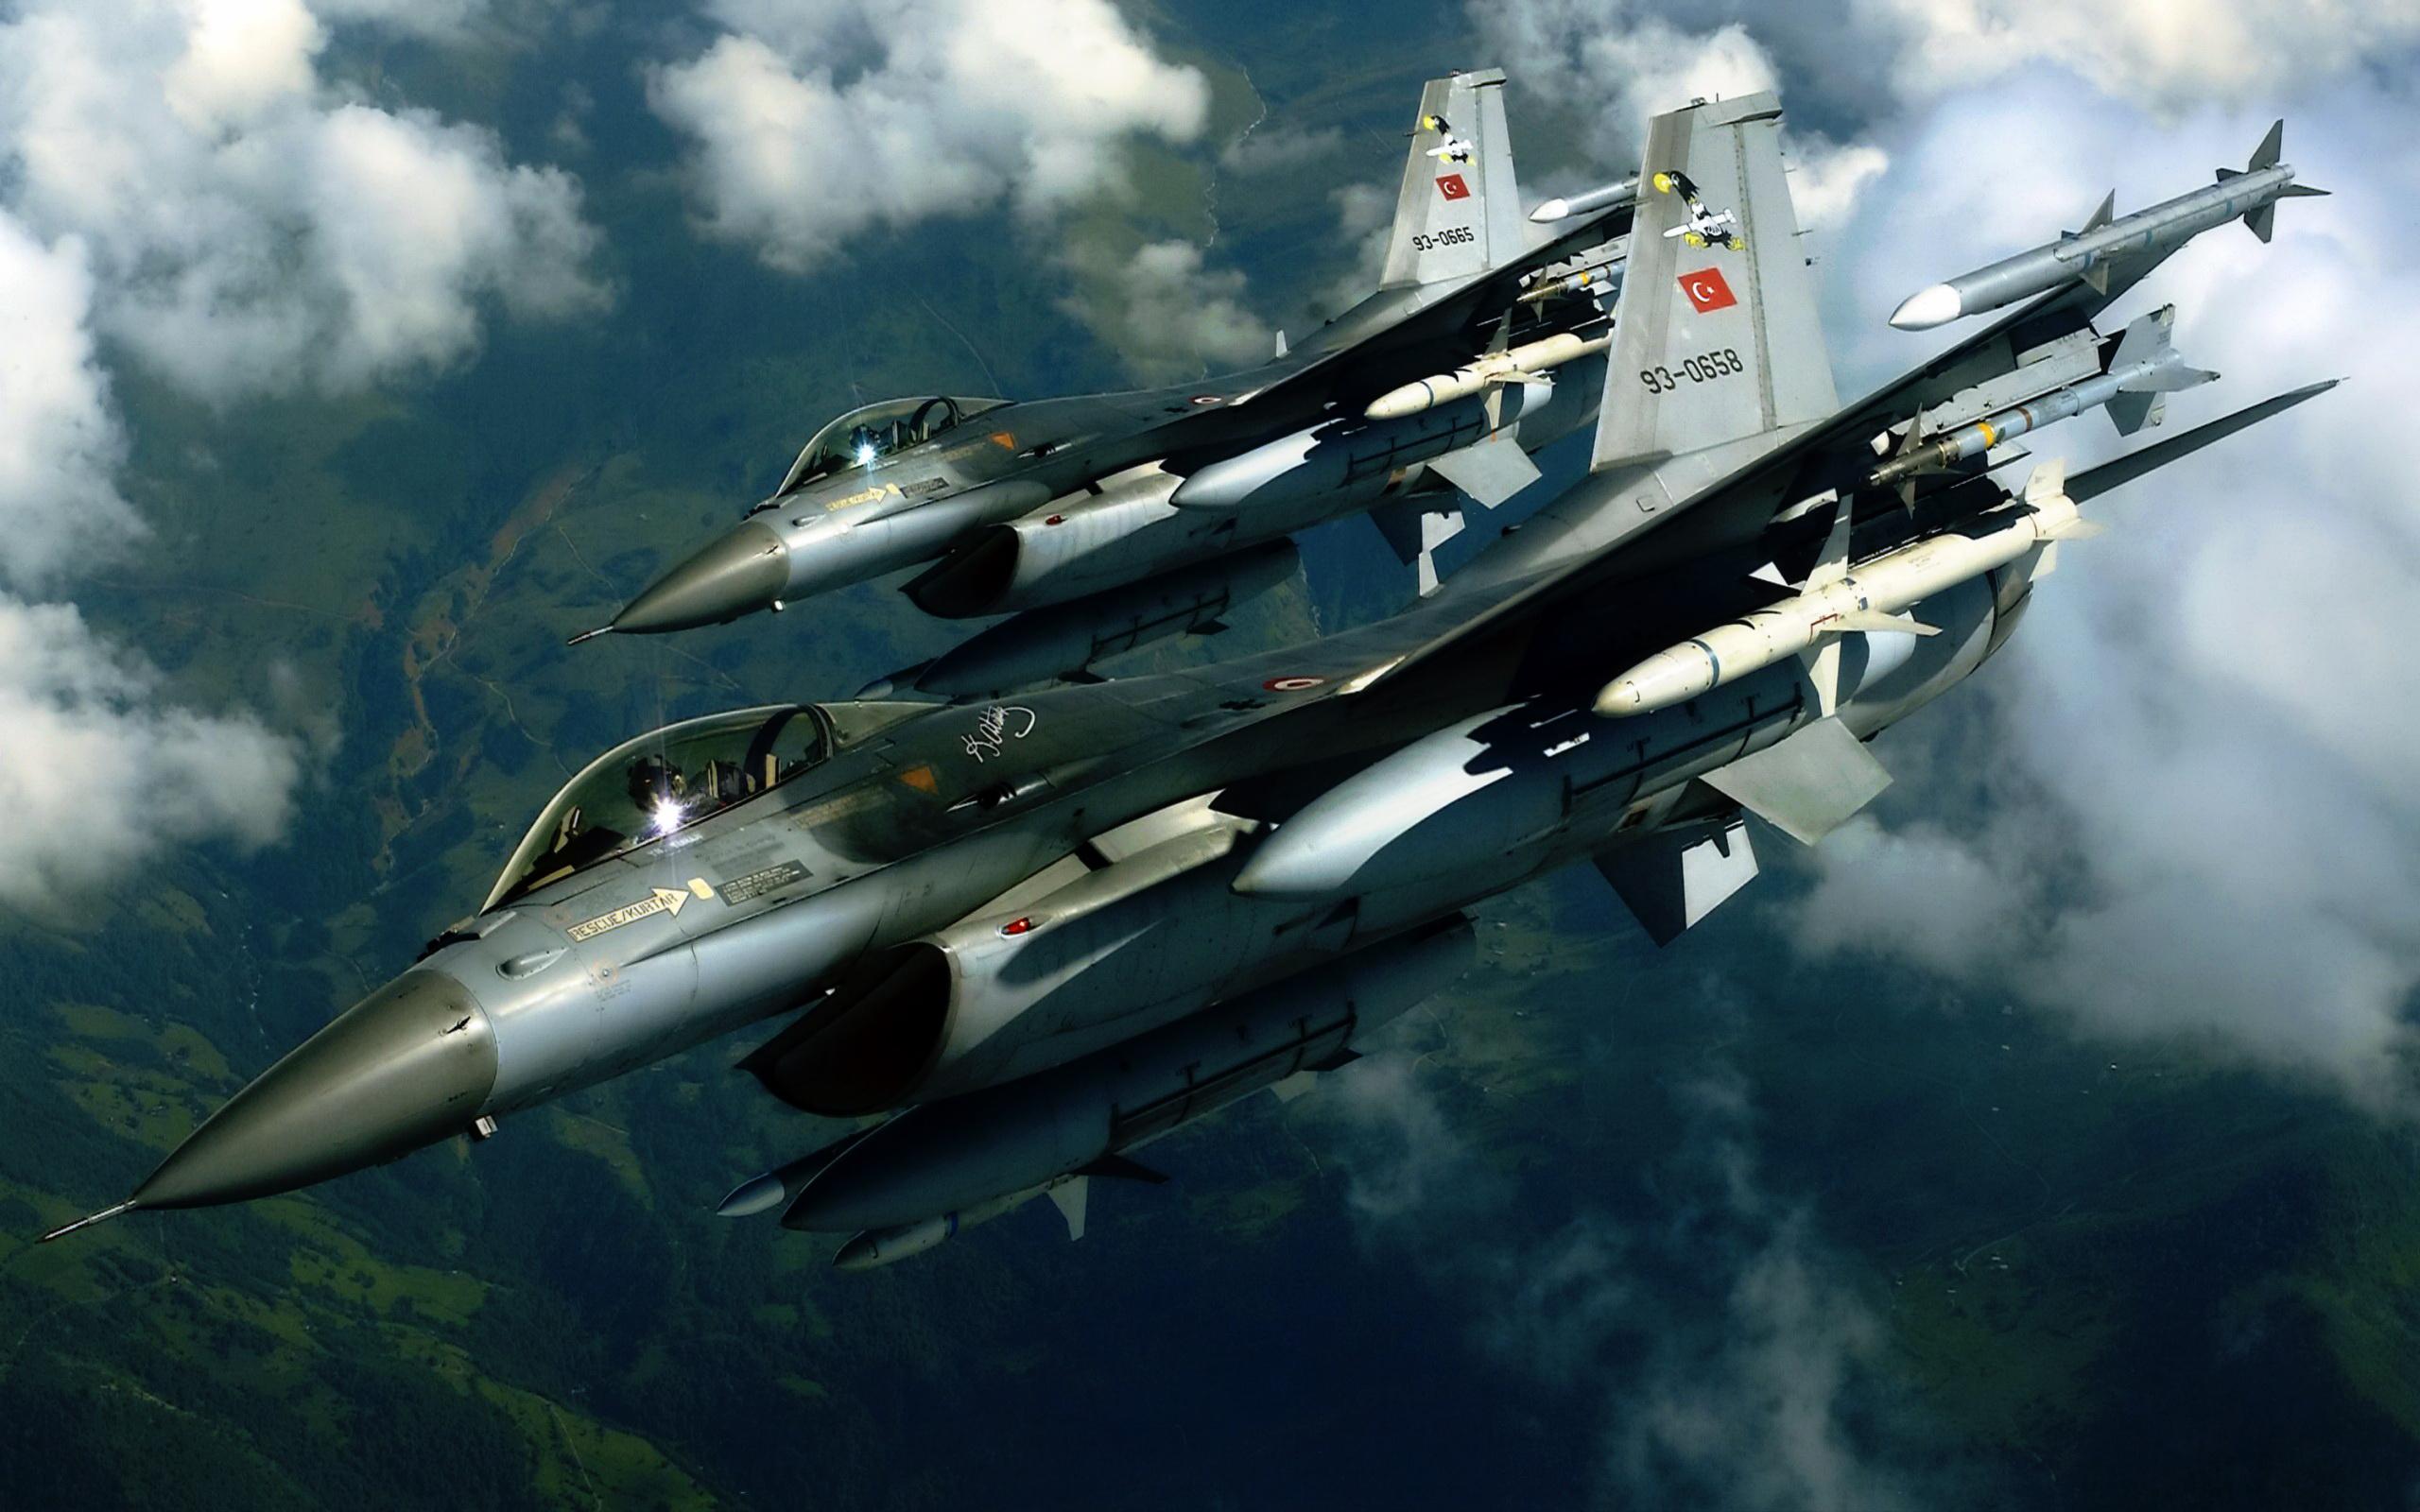 Turkish F16 Jet Fighter